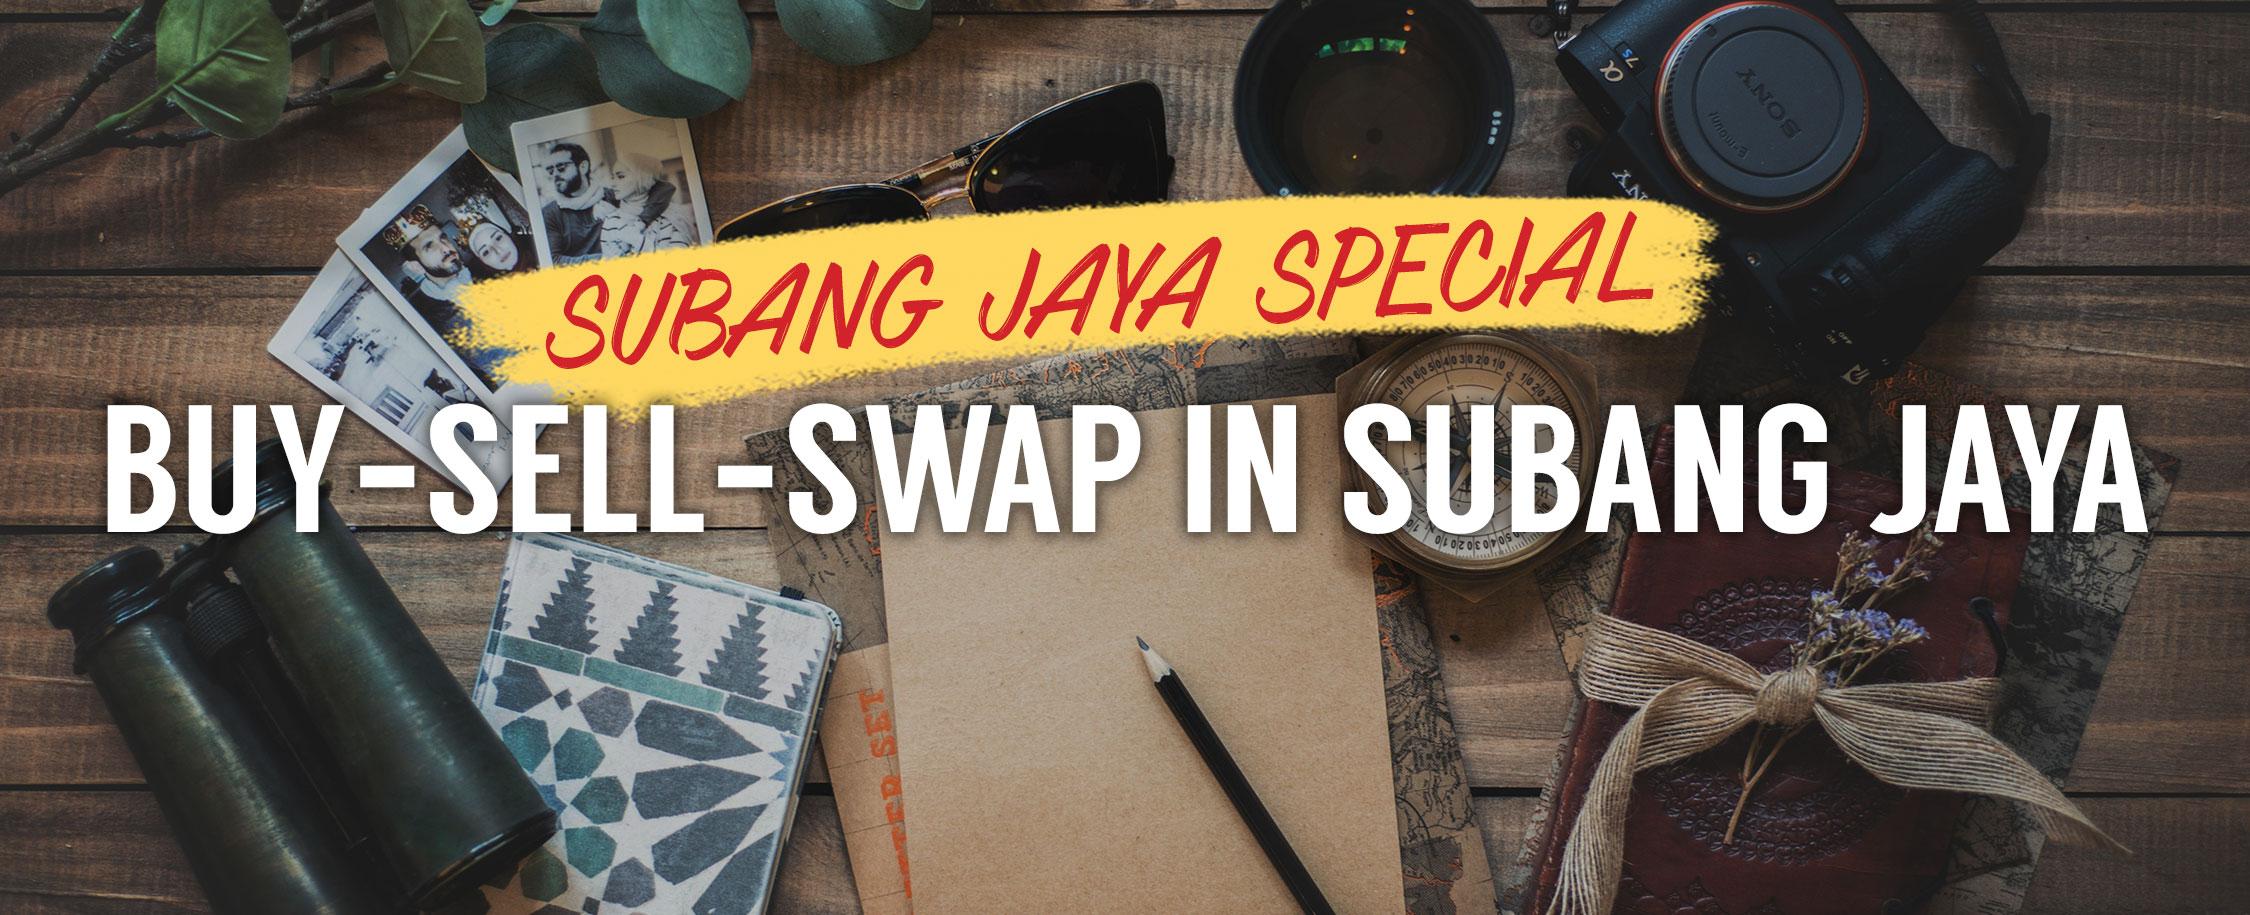 Subang Jaya Buy-Sell-Swap